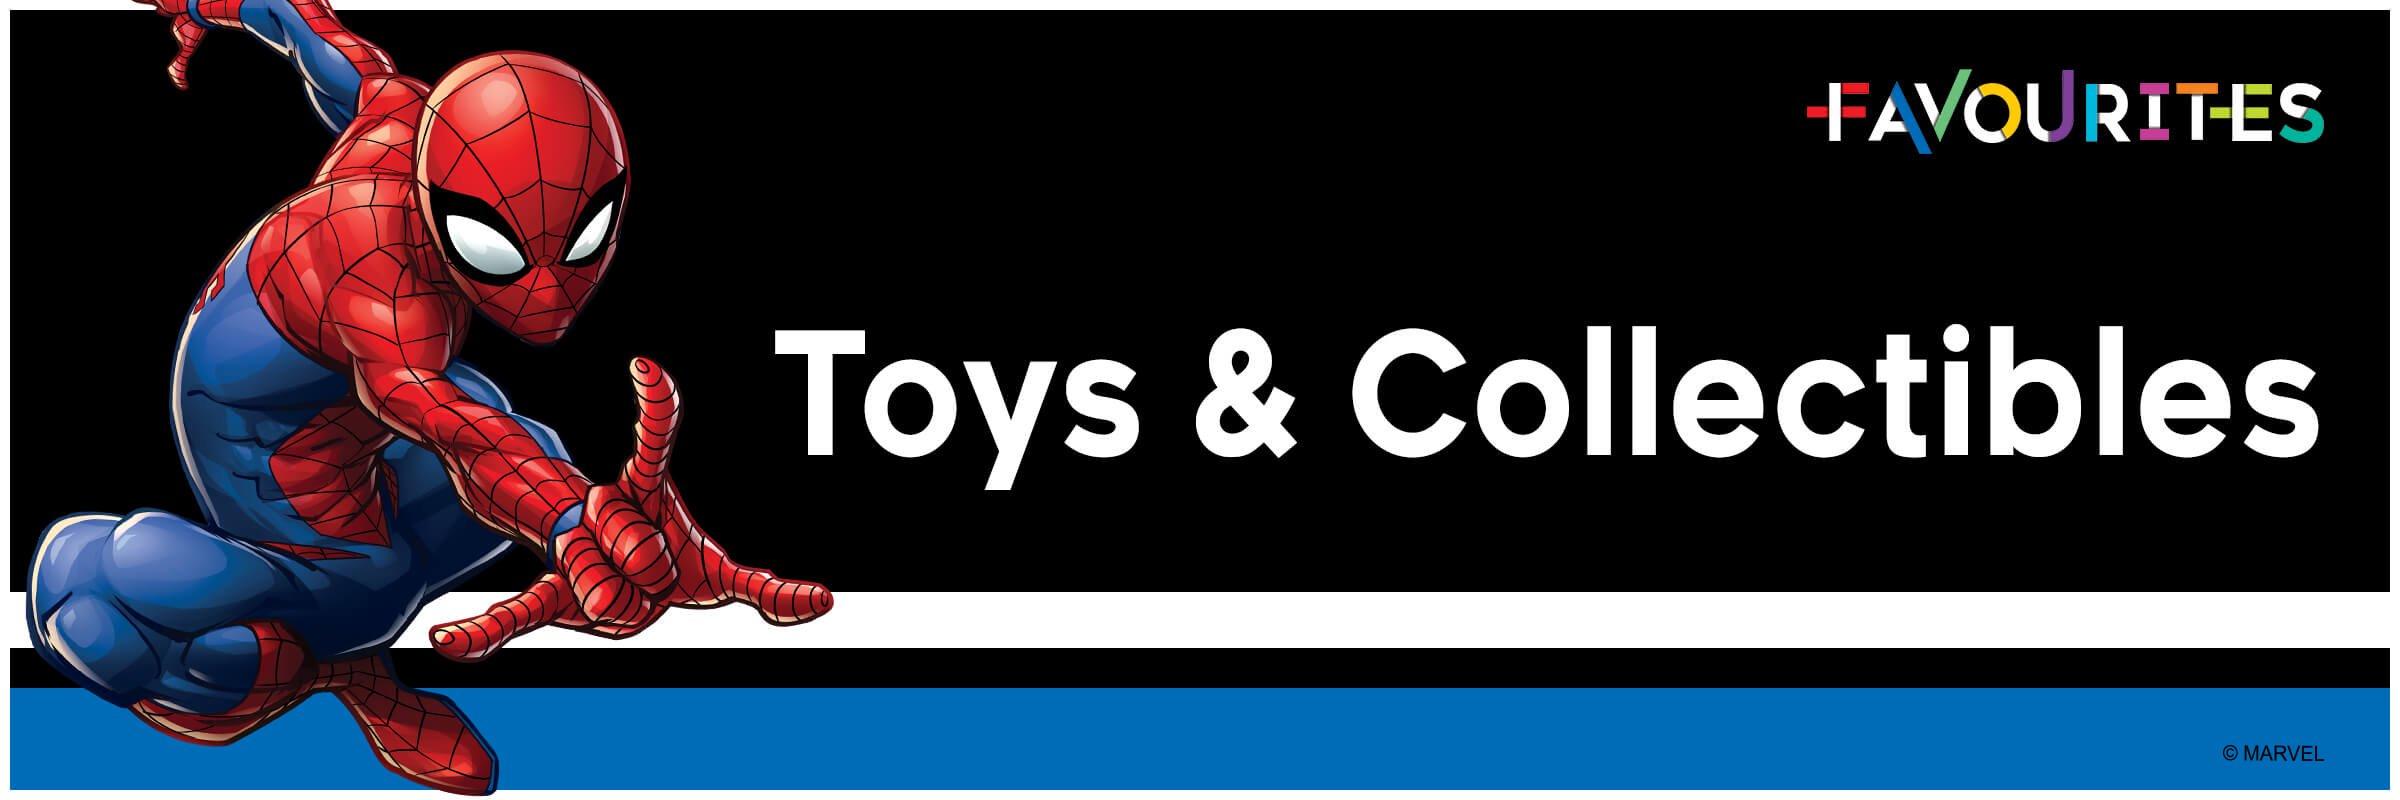 Disney - Toys & Collectibles